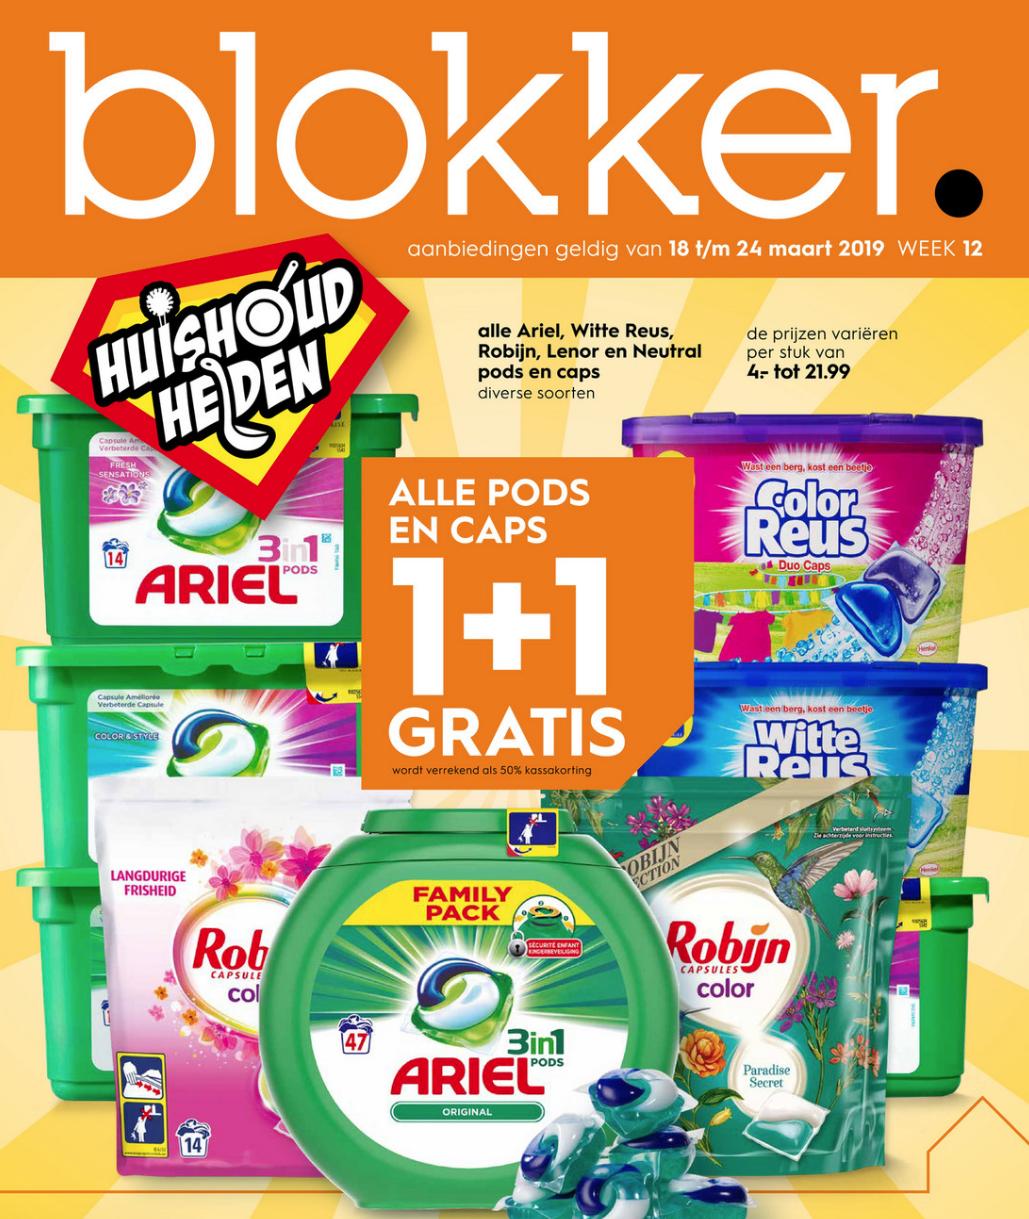 Ariel, Witte Reus, Robijn, Lenor, Neutral 1+1 bij Blokker